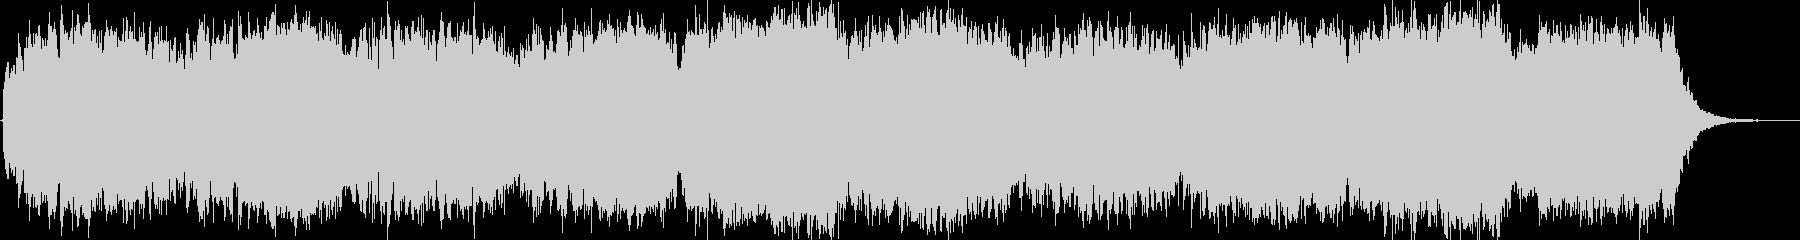 サイエンス系BGMの未再生の波形